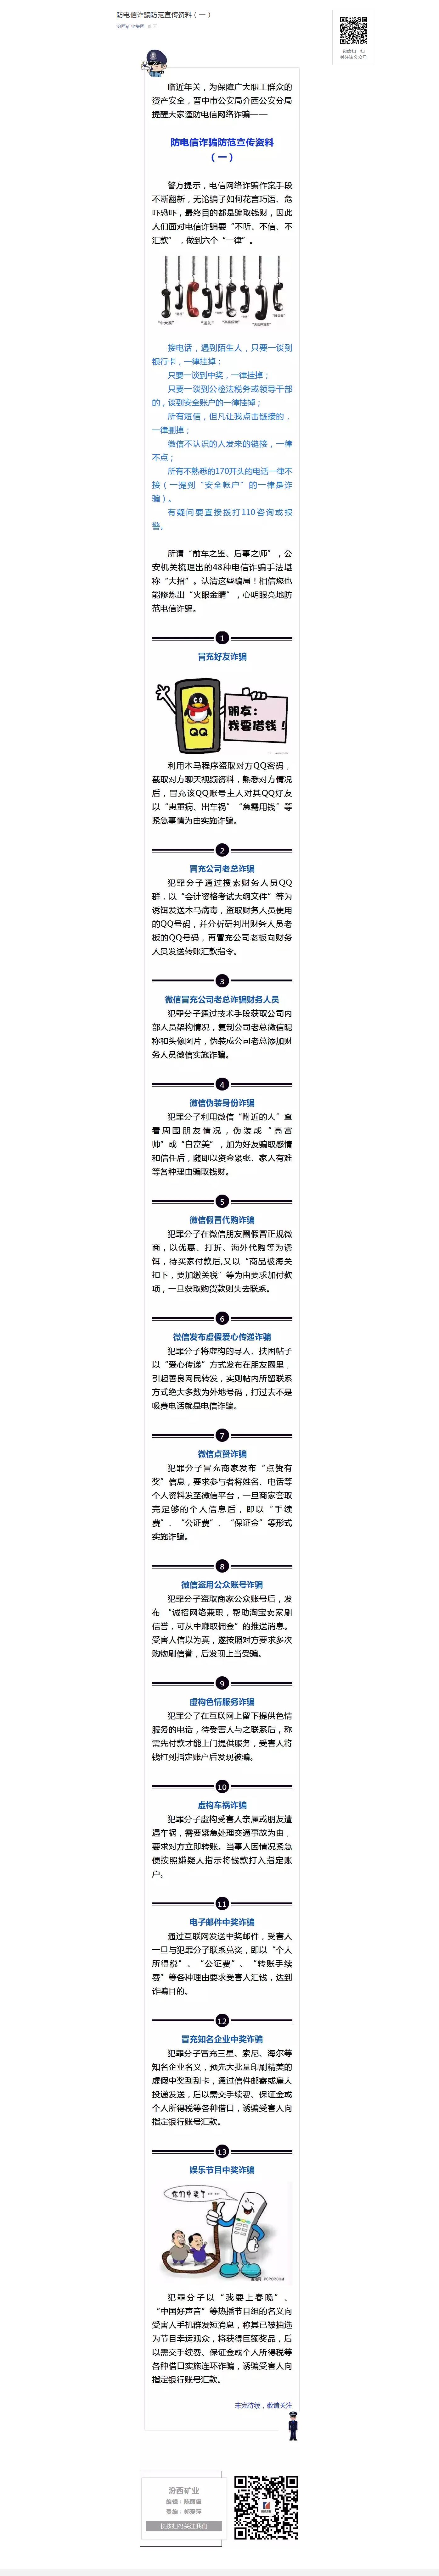 防電信詐騙防範宣傳資料(一).png